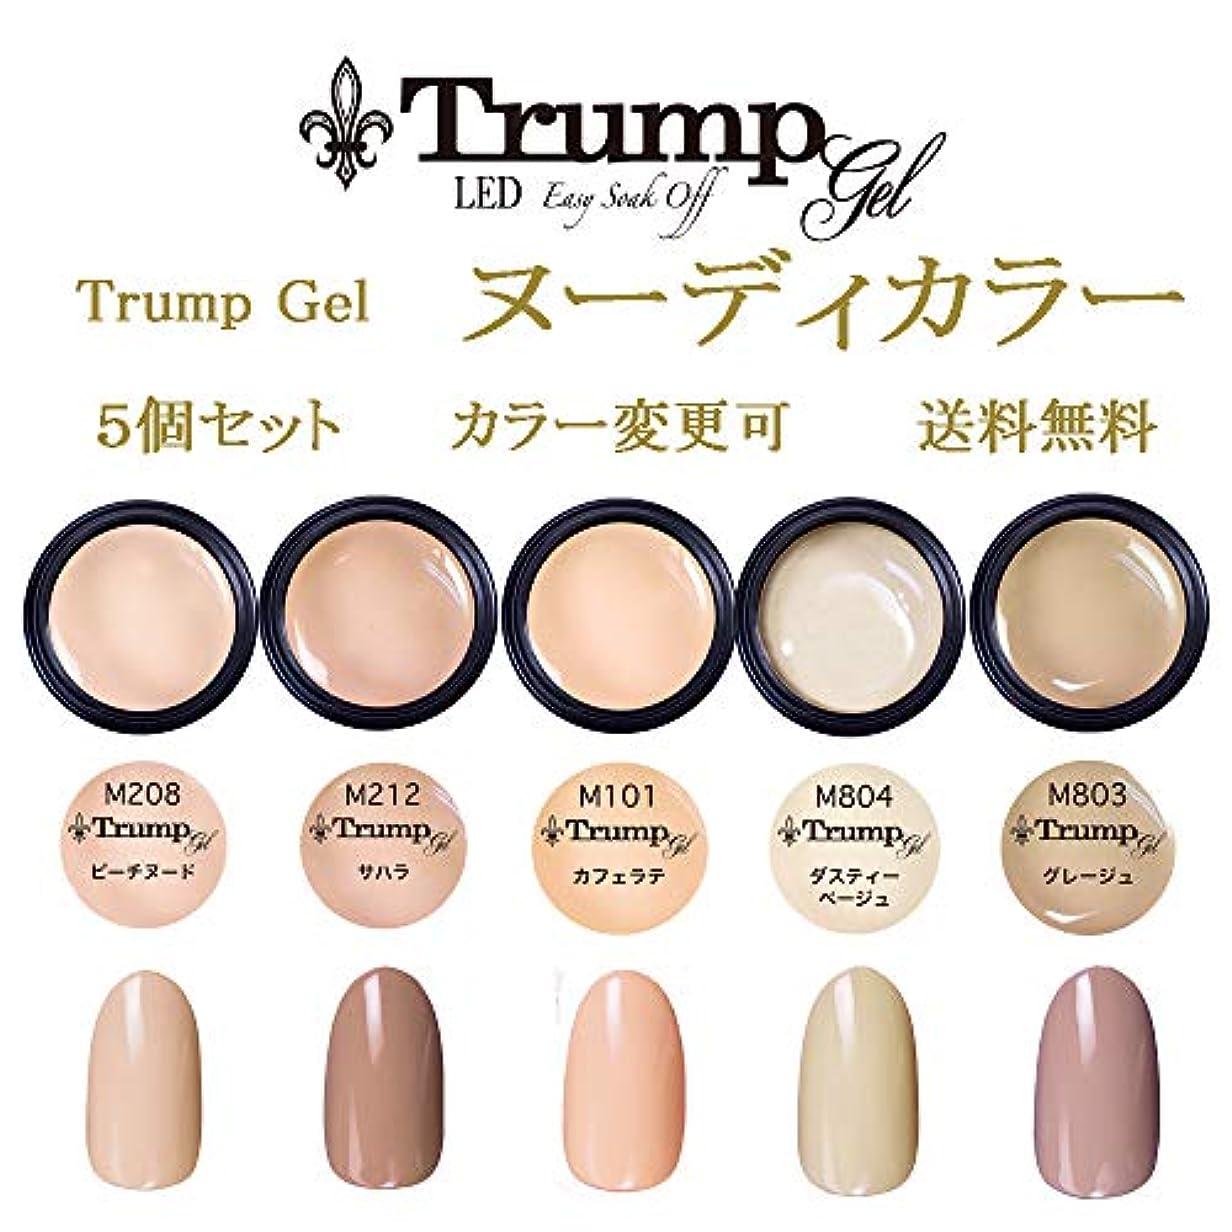 機動手段説明的日本製 Trump gel トランプジェル ヌーディカラー 選べる カラージェル 5個セット ベージュ ブラウン ピンク